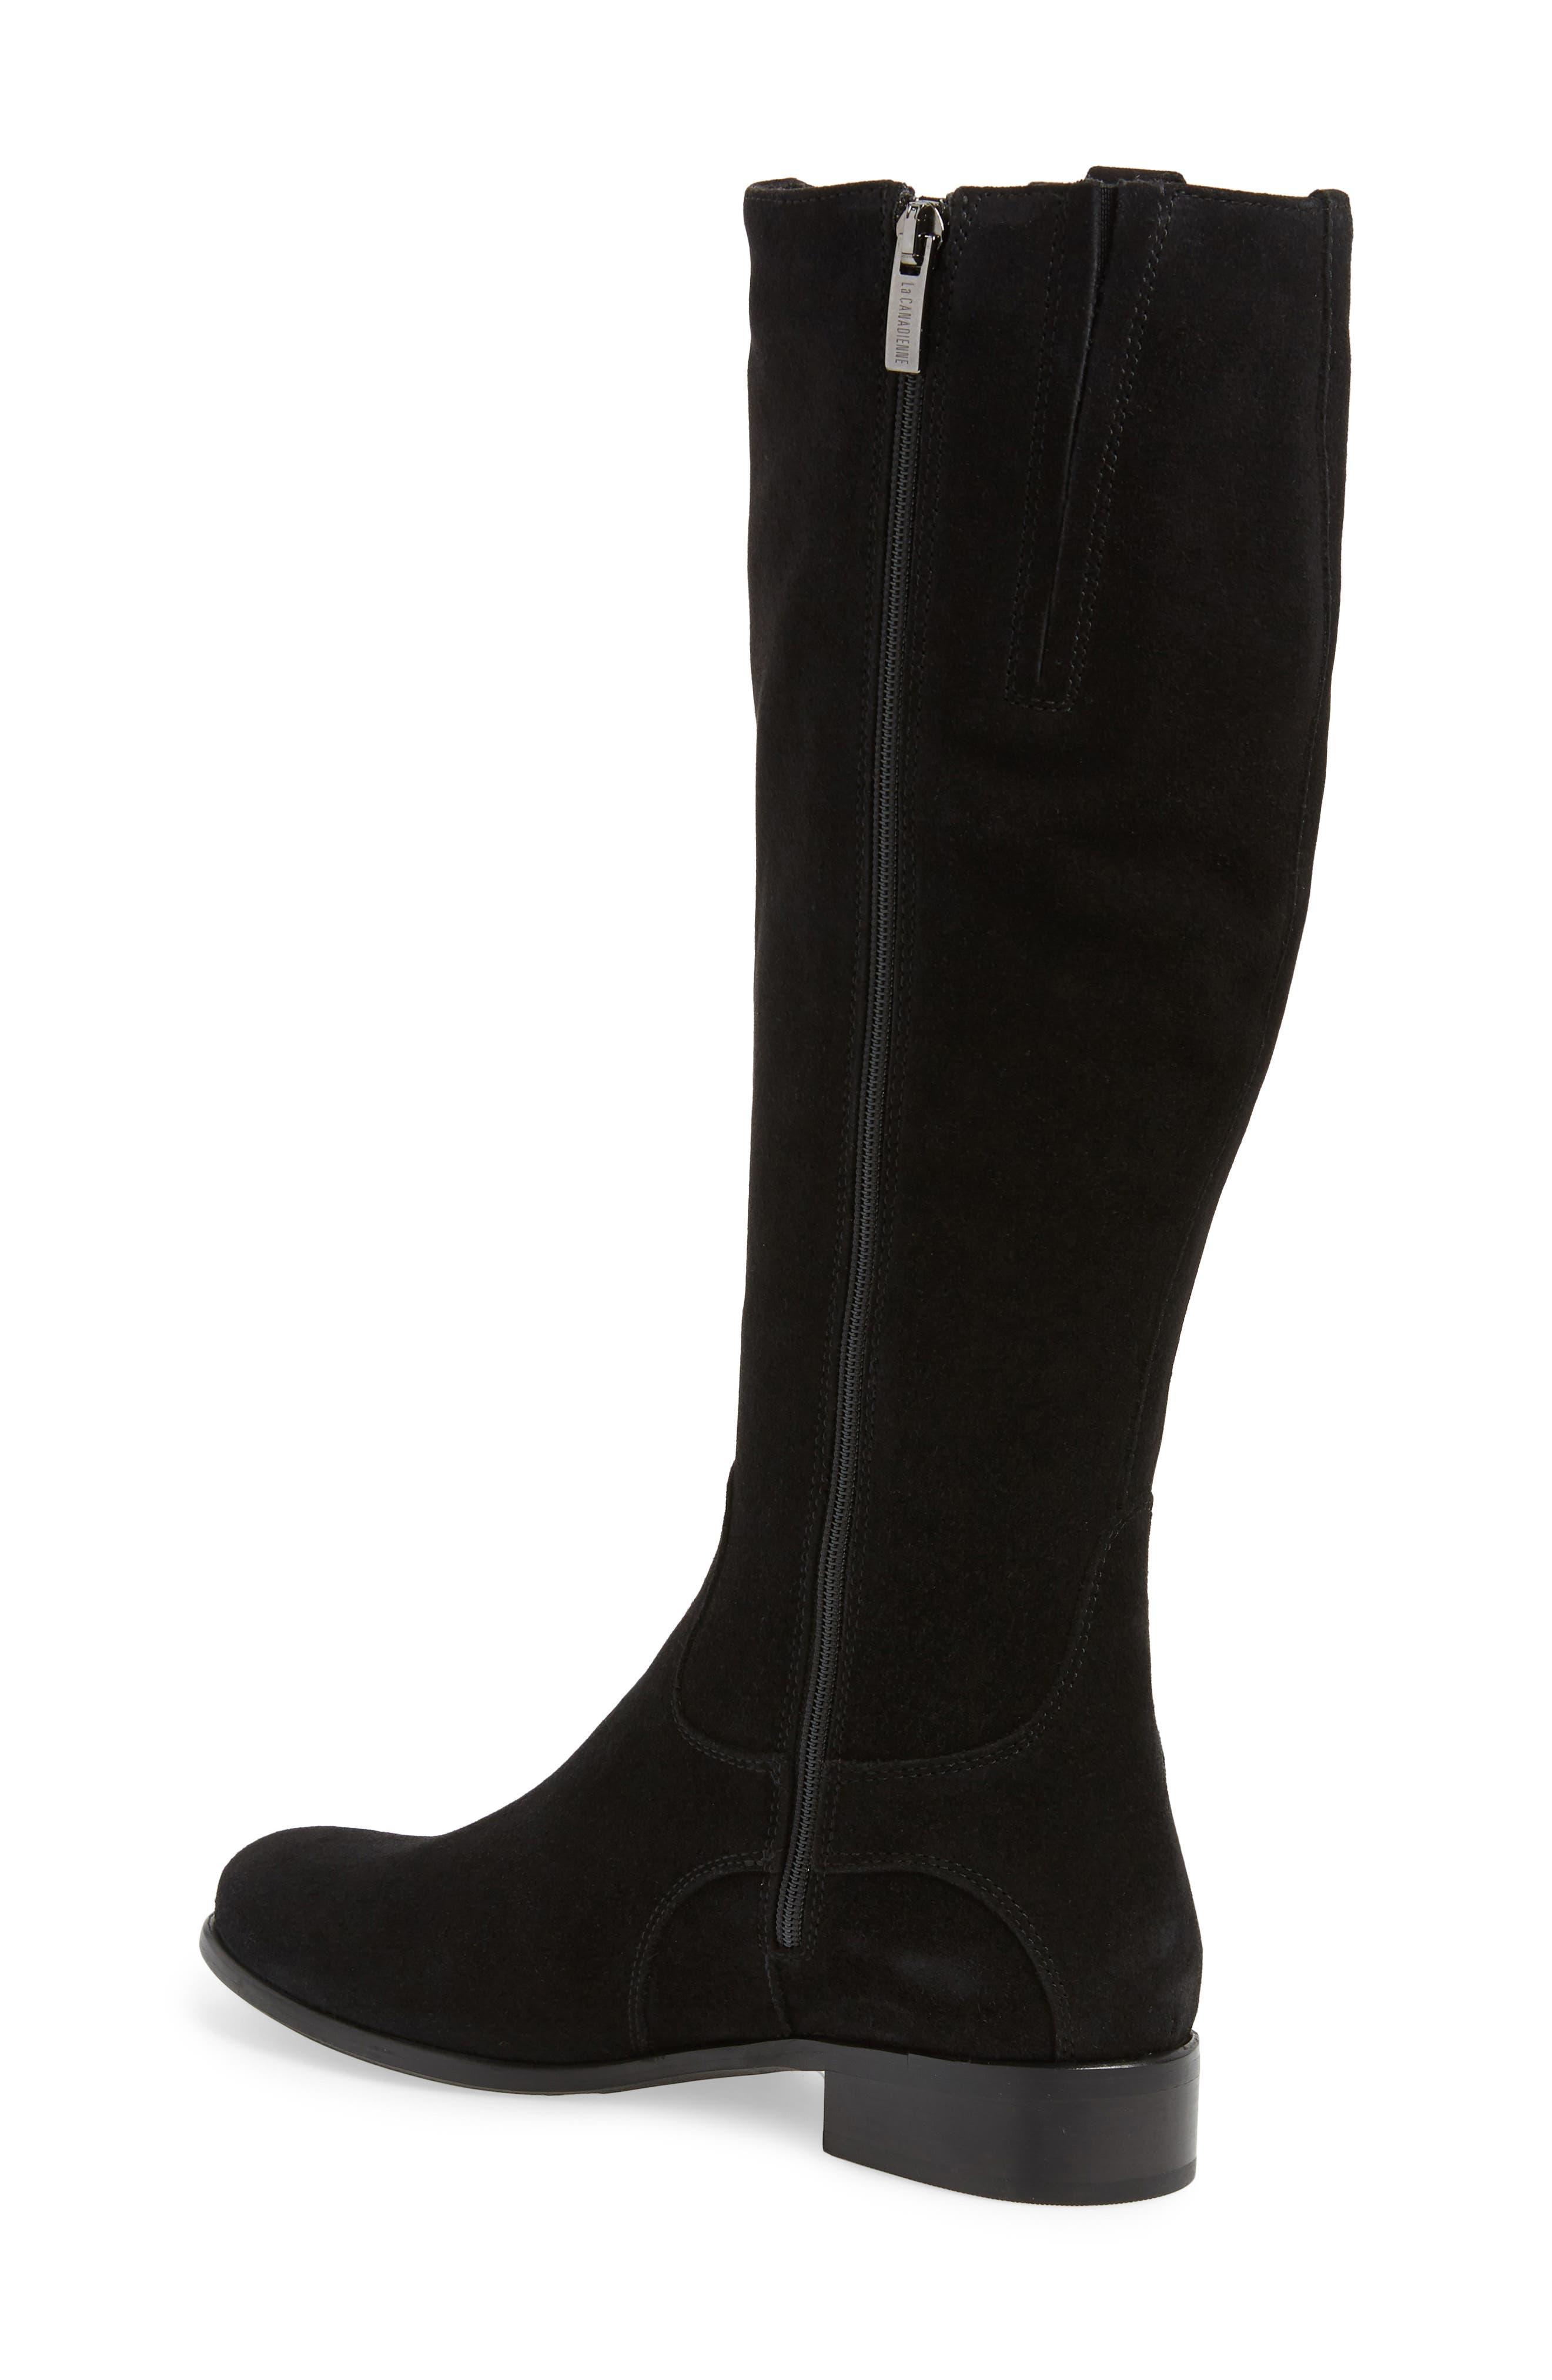 'Stefanie' Waterproof Boot,                             Alternate thumbnail 2, color,                             BLACK SUEDE